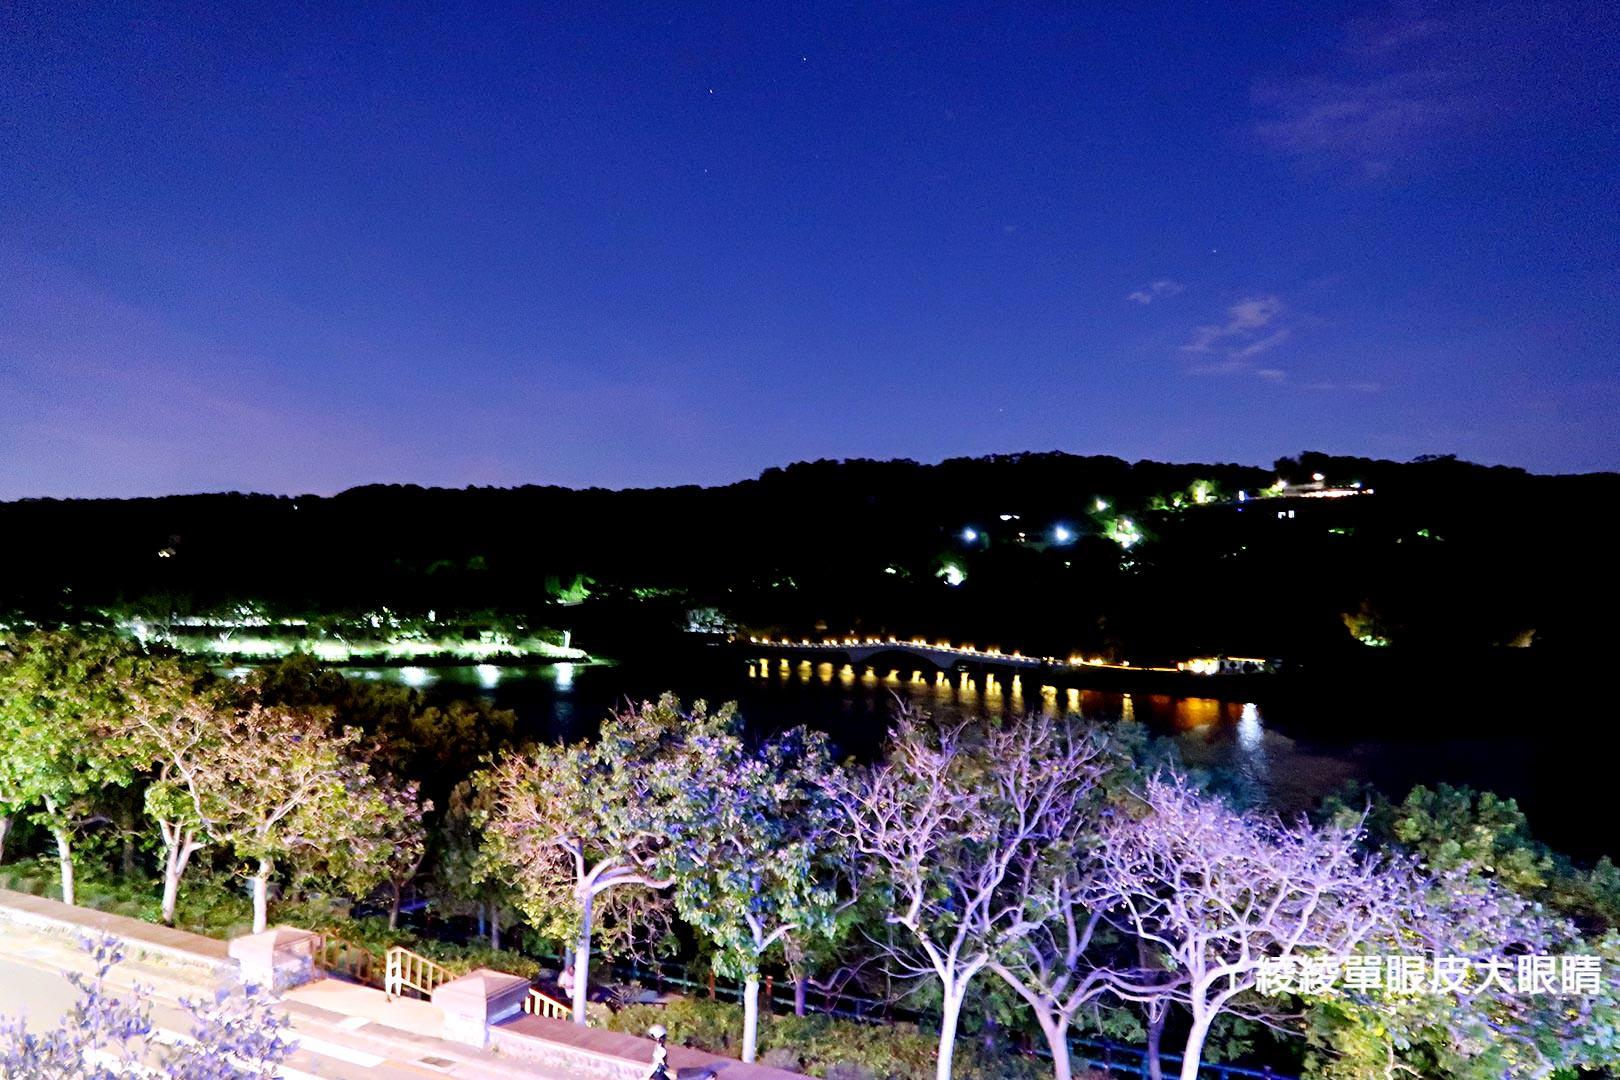 青草湖景觀餐廳 菁彤景觀咖啡